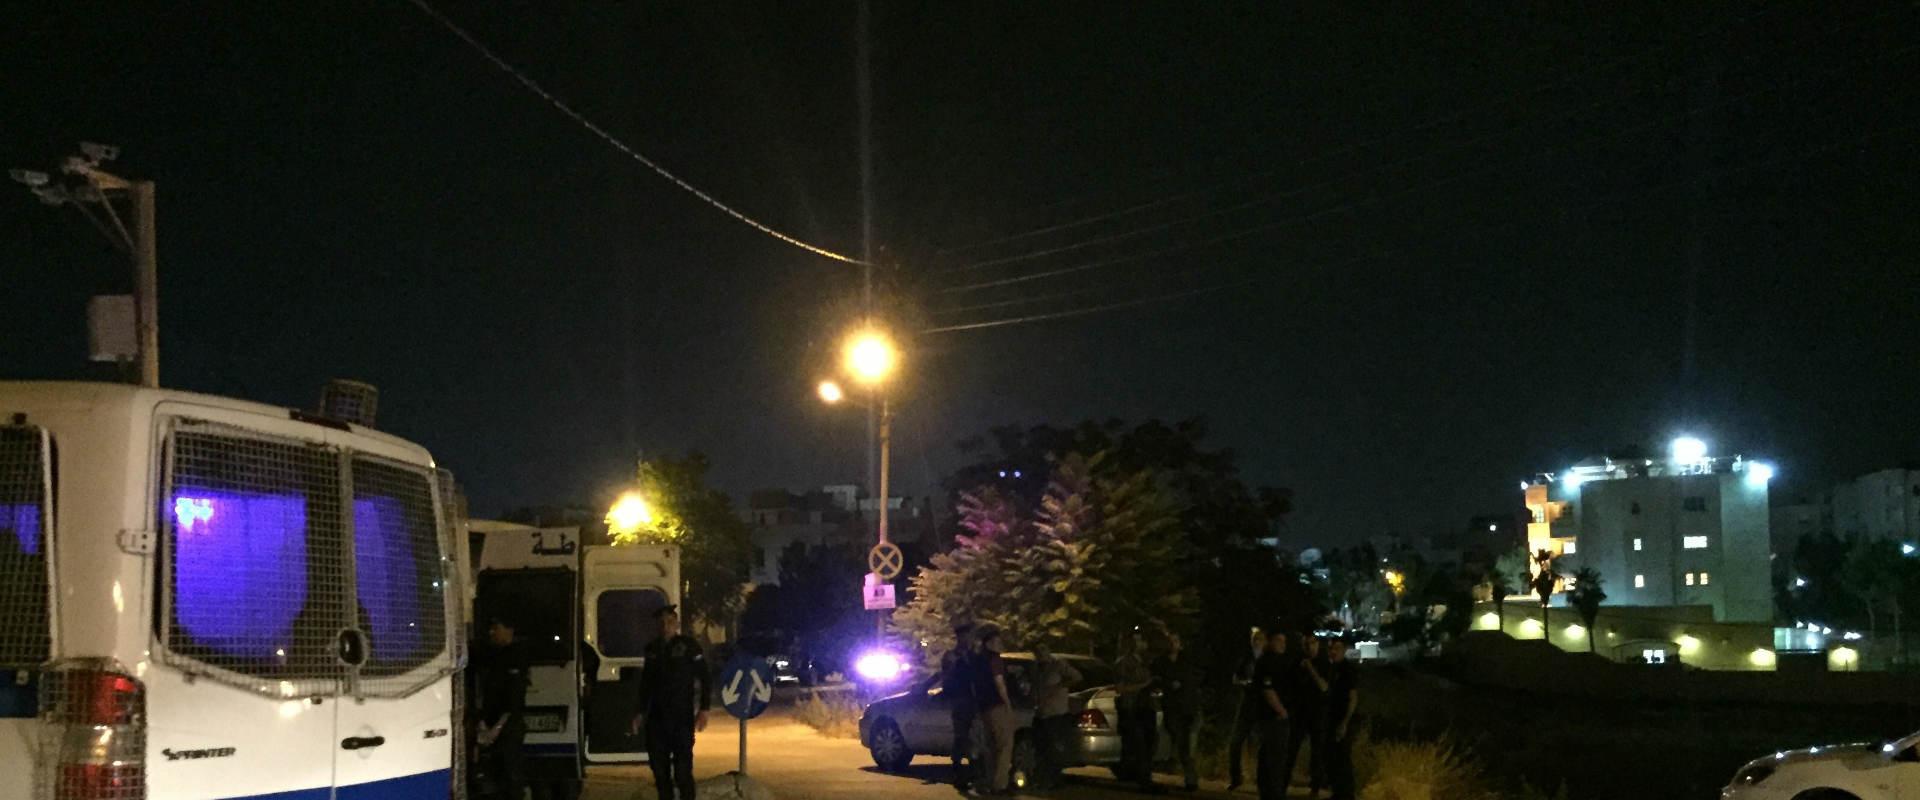 אזור האירוע שבו בוצע ניסיון הפיגוע במאבטח הישראלי